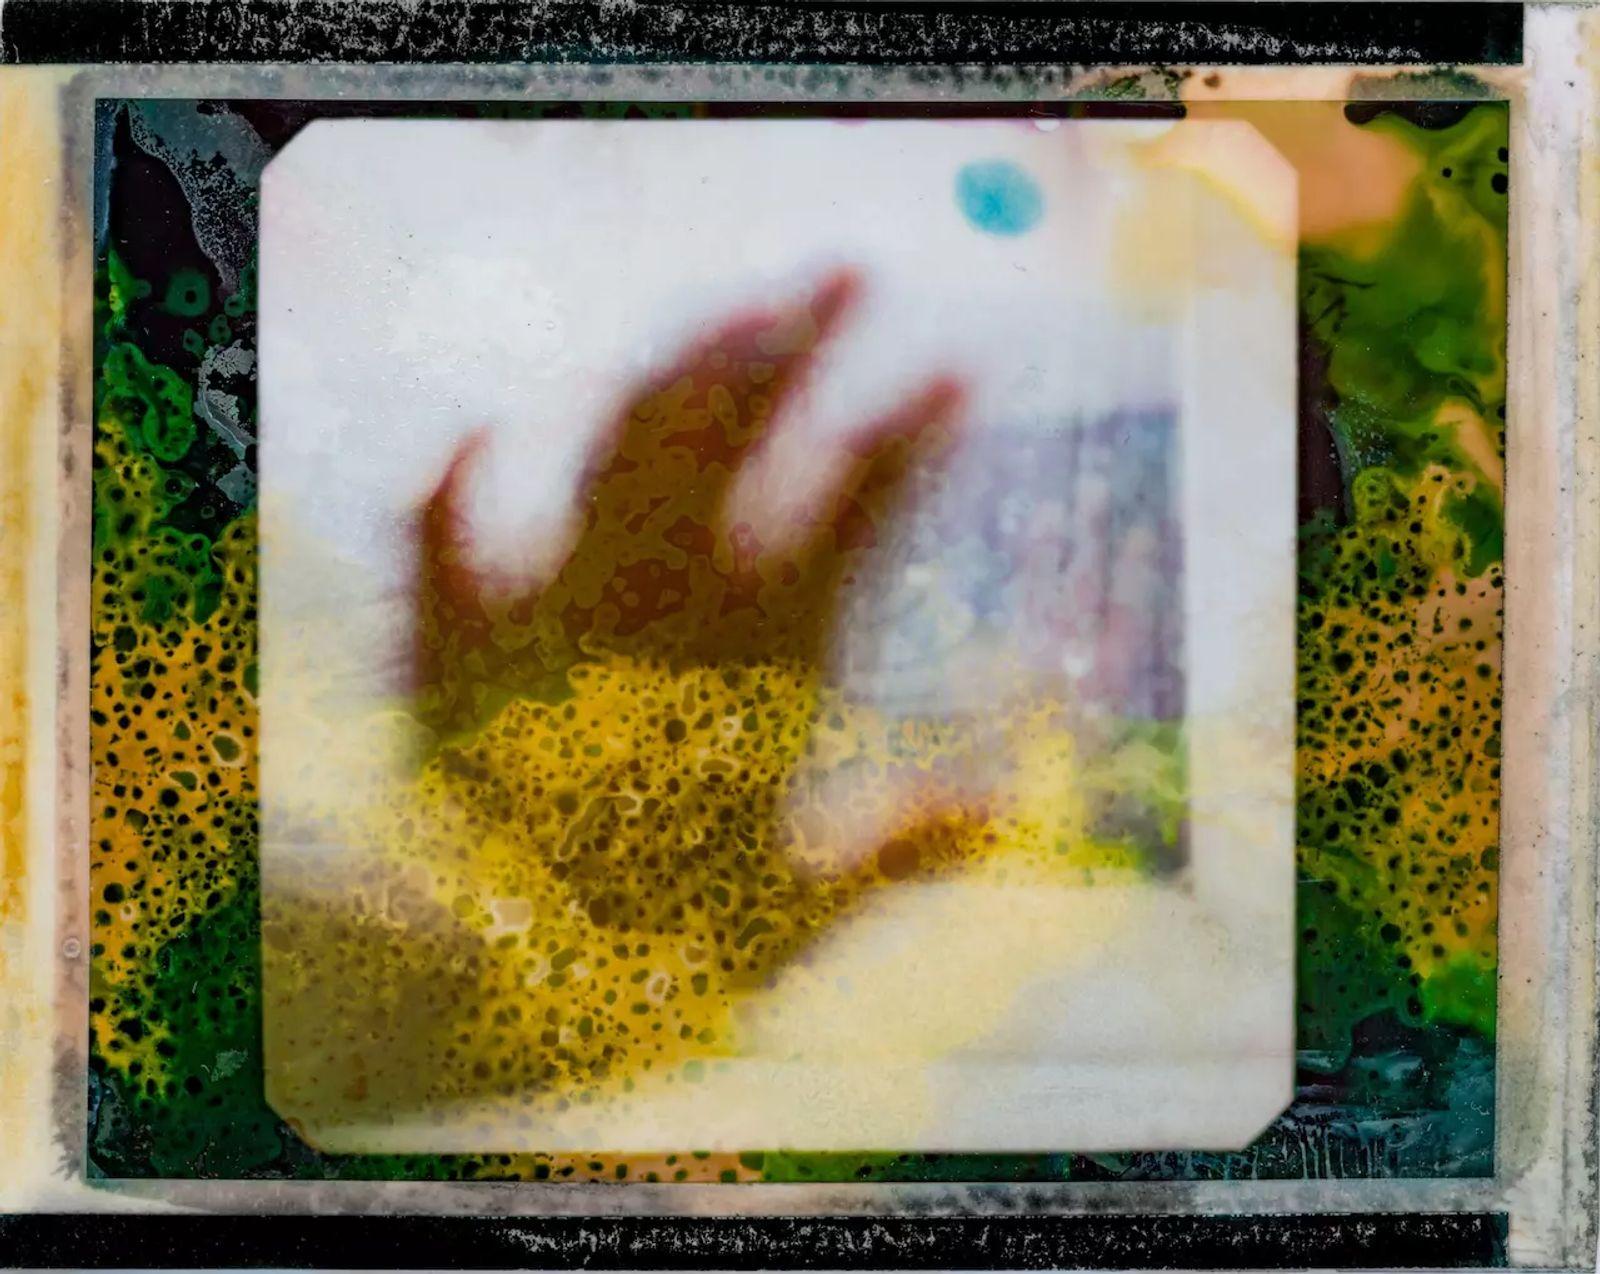 Fotografía de una mano extendida hacia la ventana